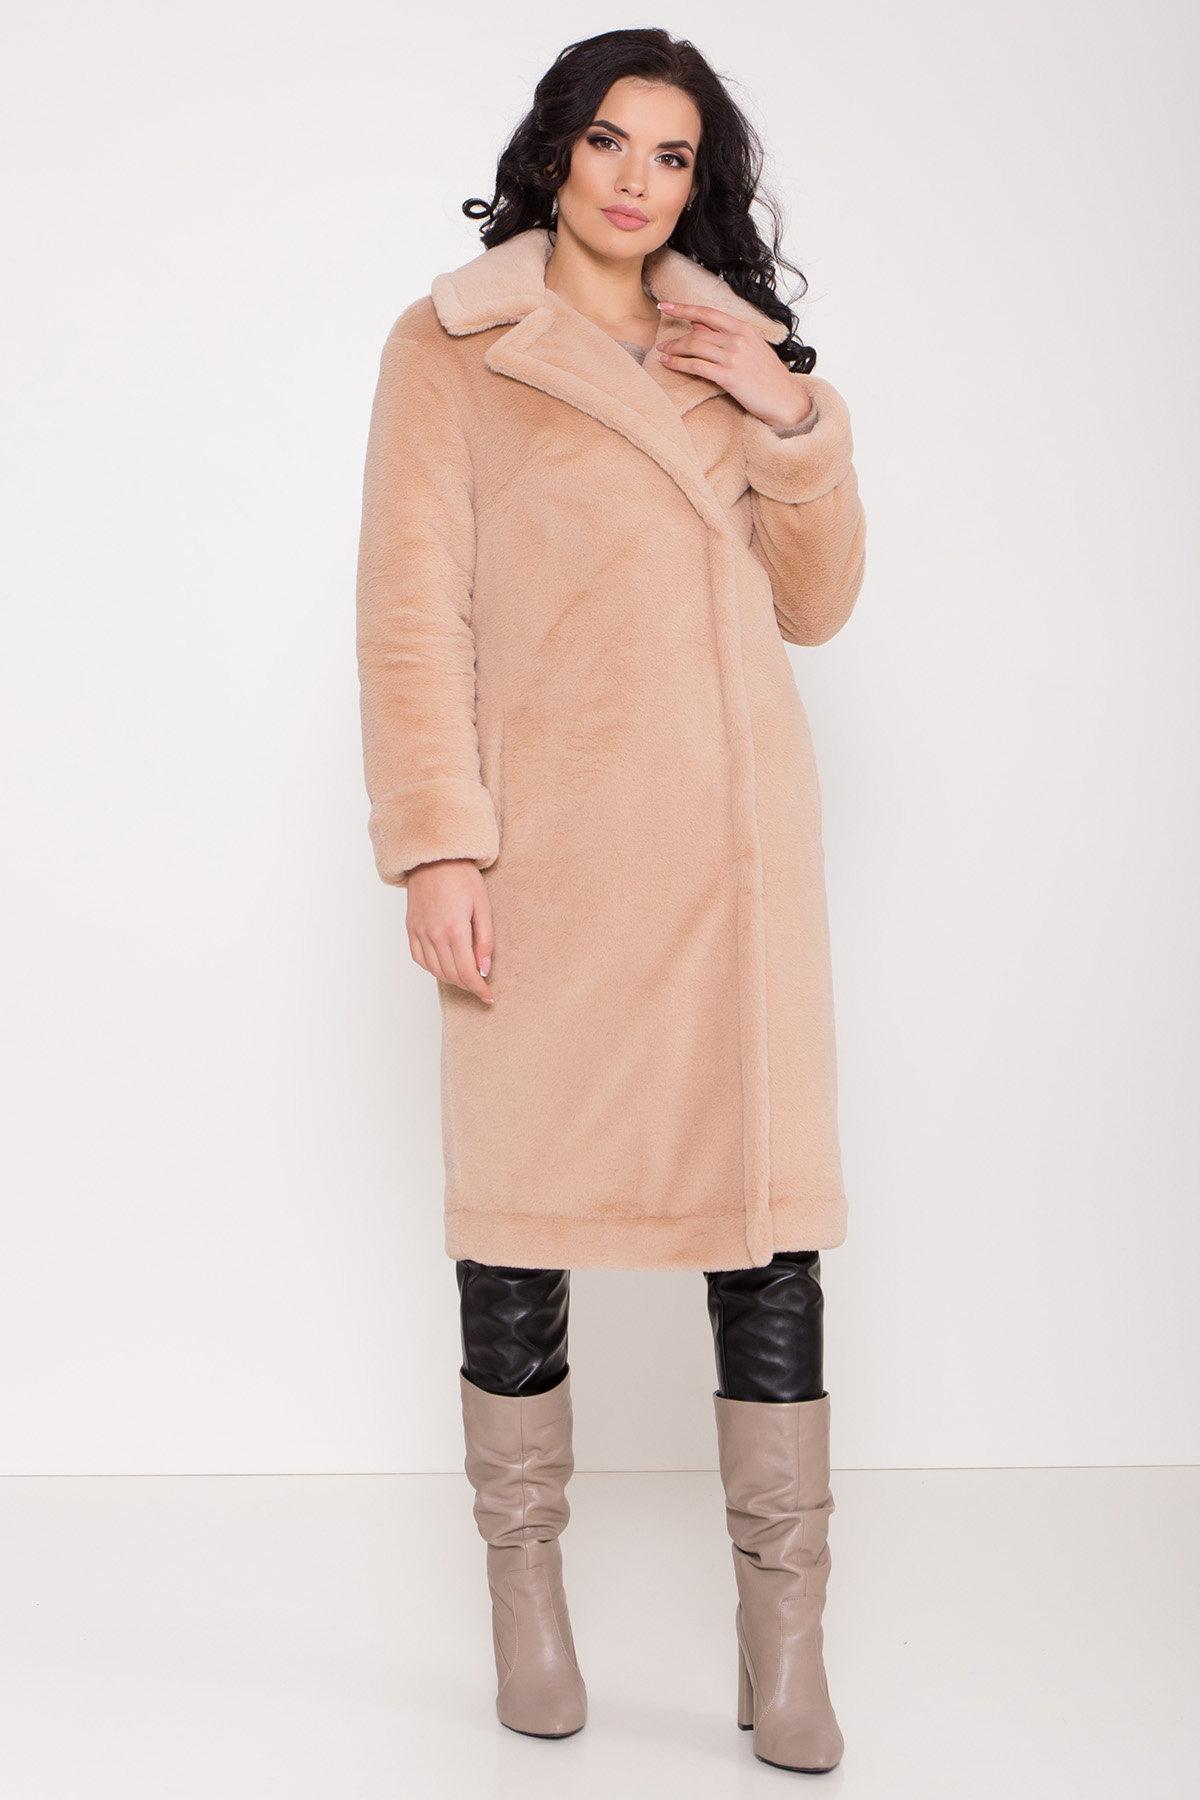 Зимнее пальто из искусственного меха норки Саманта 8641 АРТ. 44956 Цвет: Бежевый - фото 3, интернет магазин tm-modus.ru